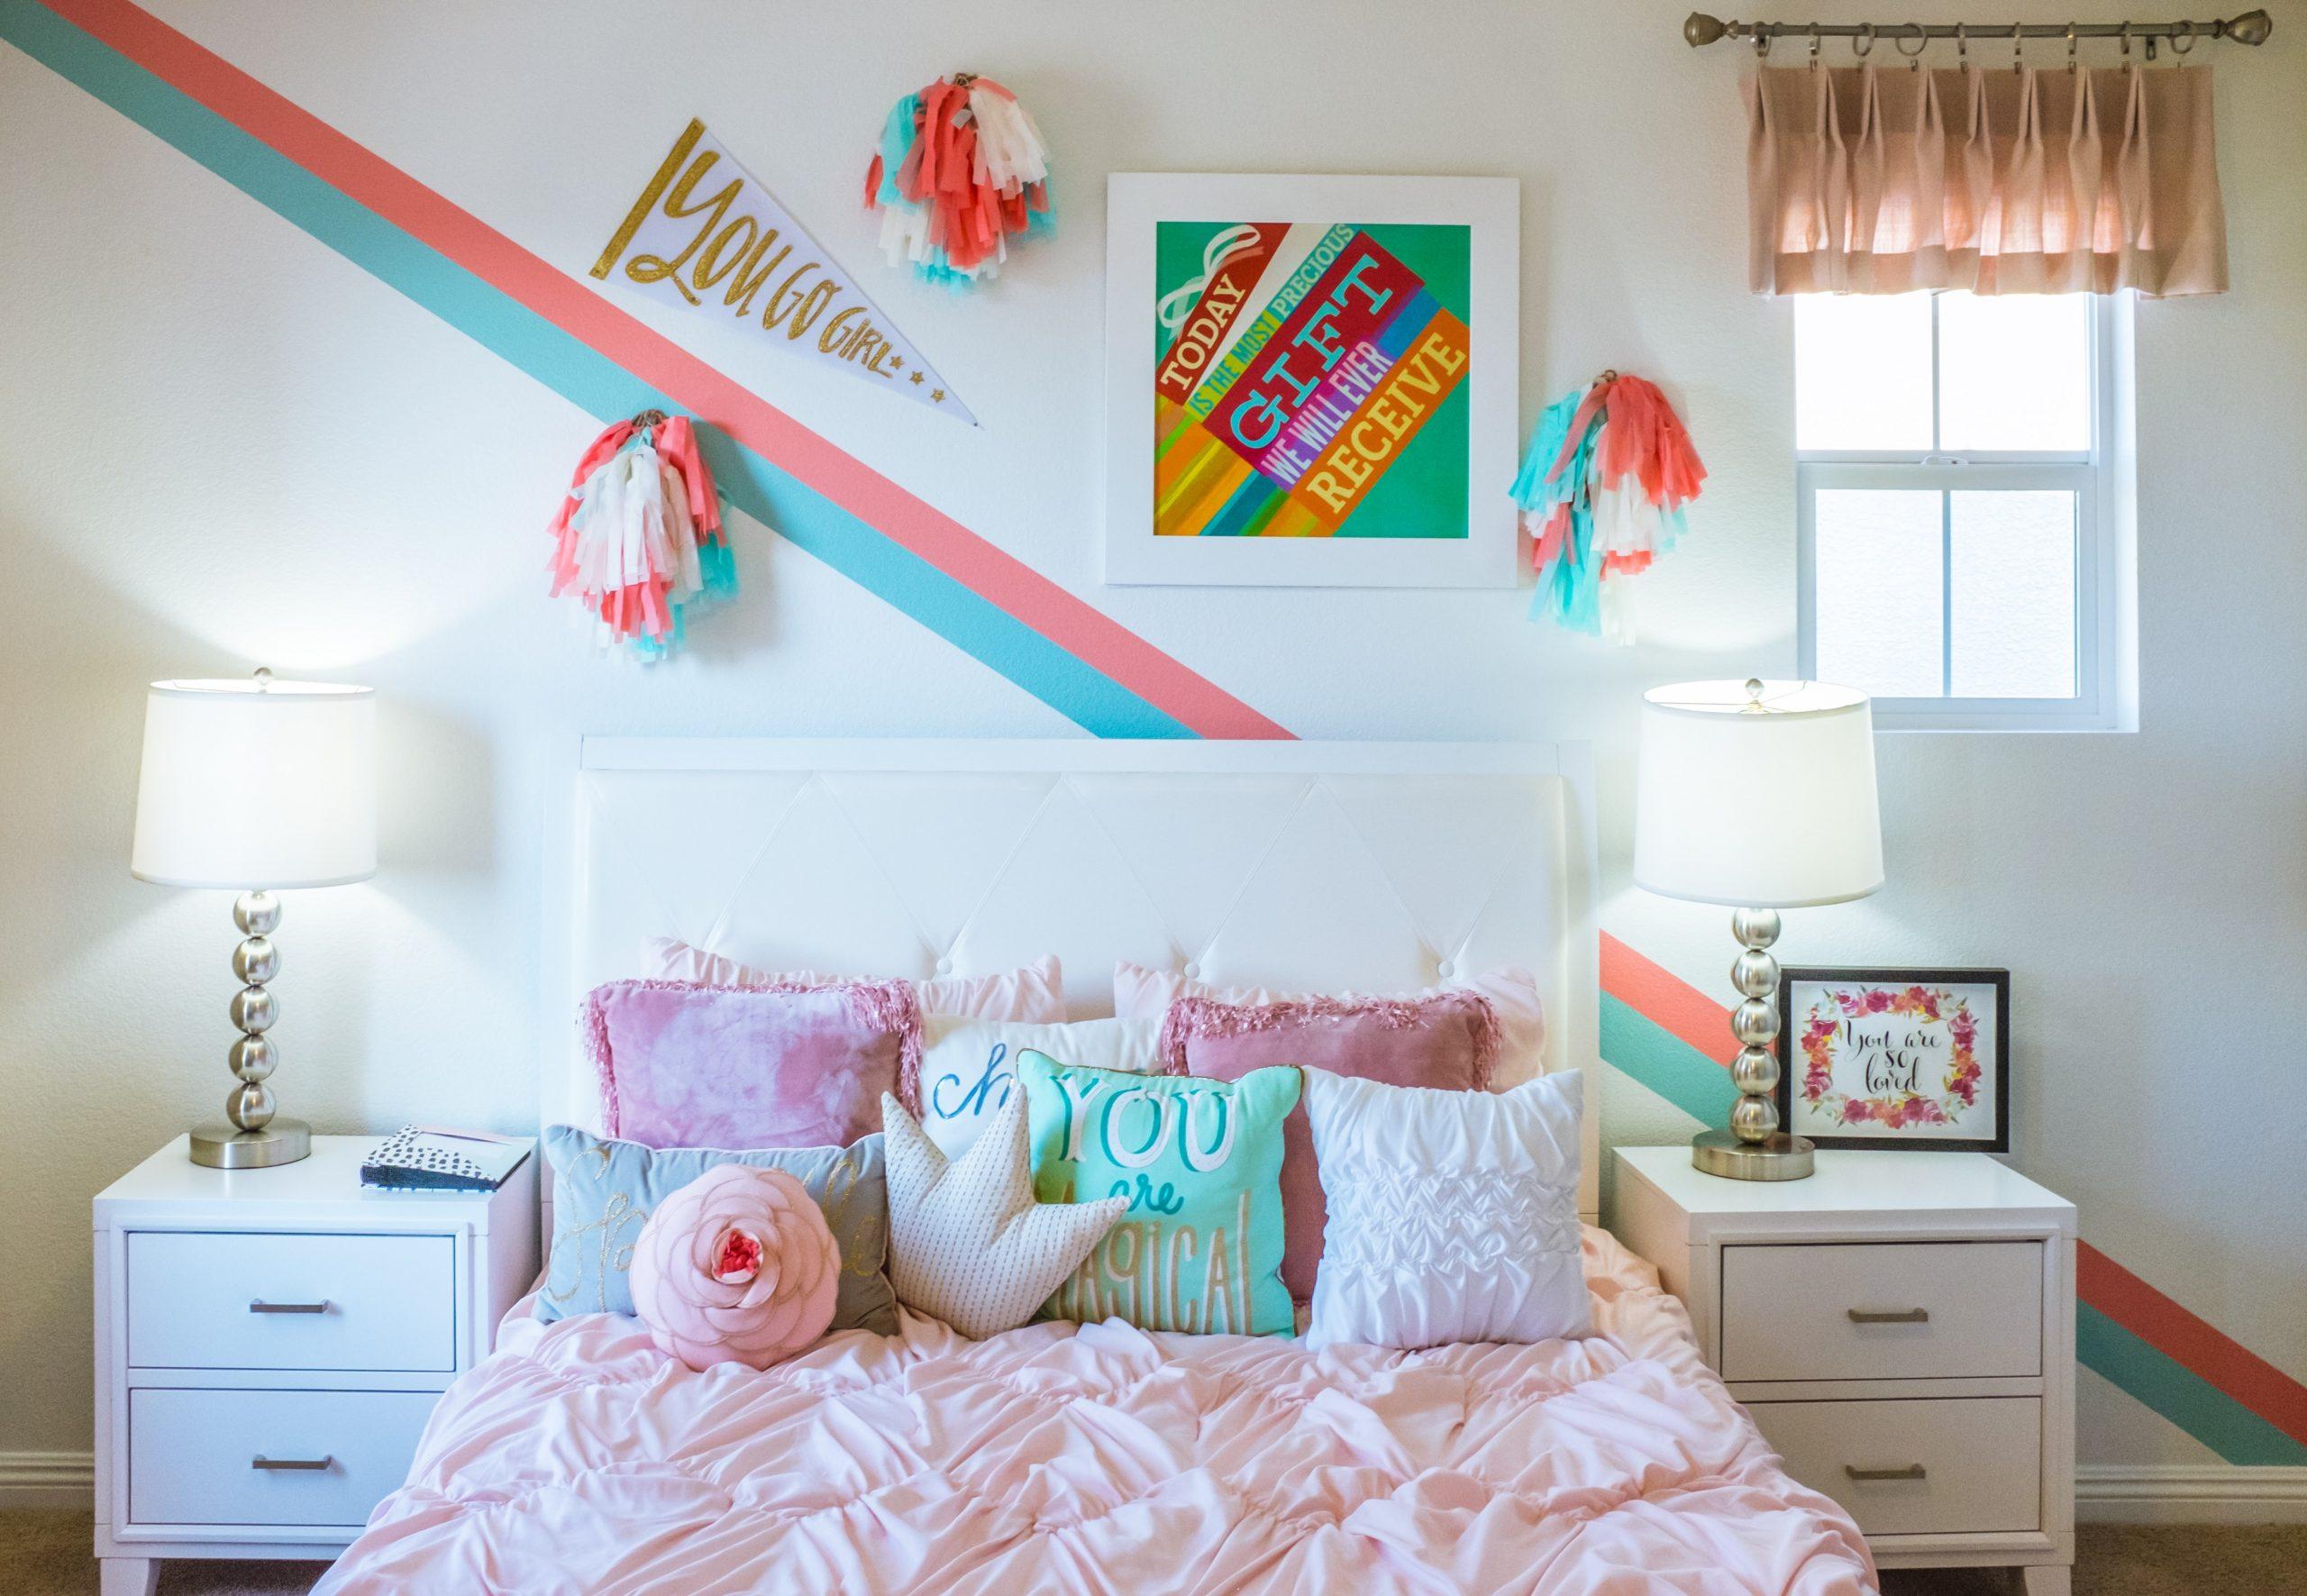 Na foto um quarto de menina com decorações coloridas na parede.